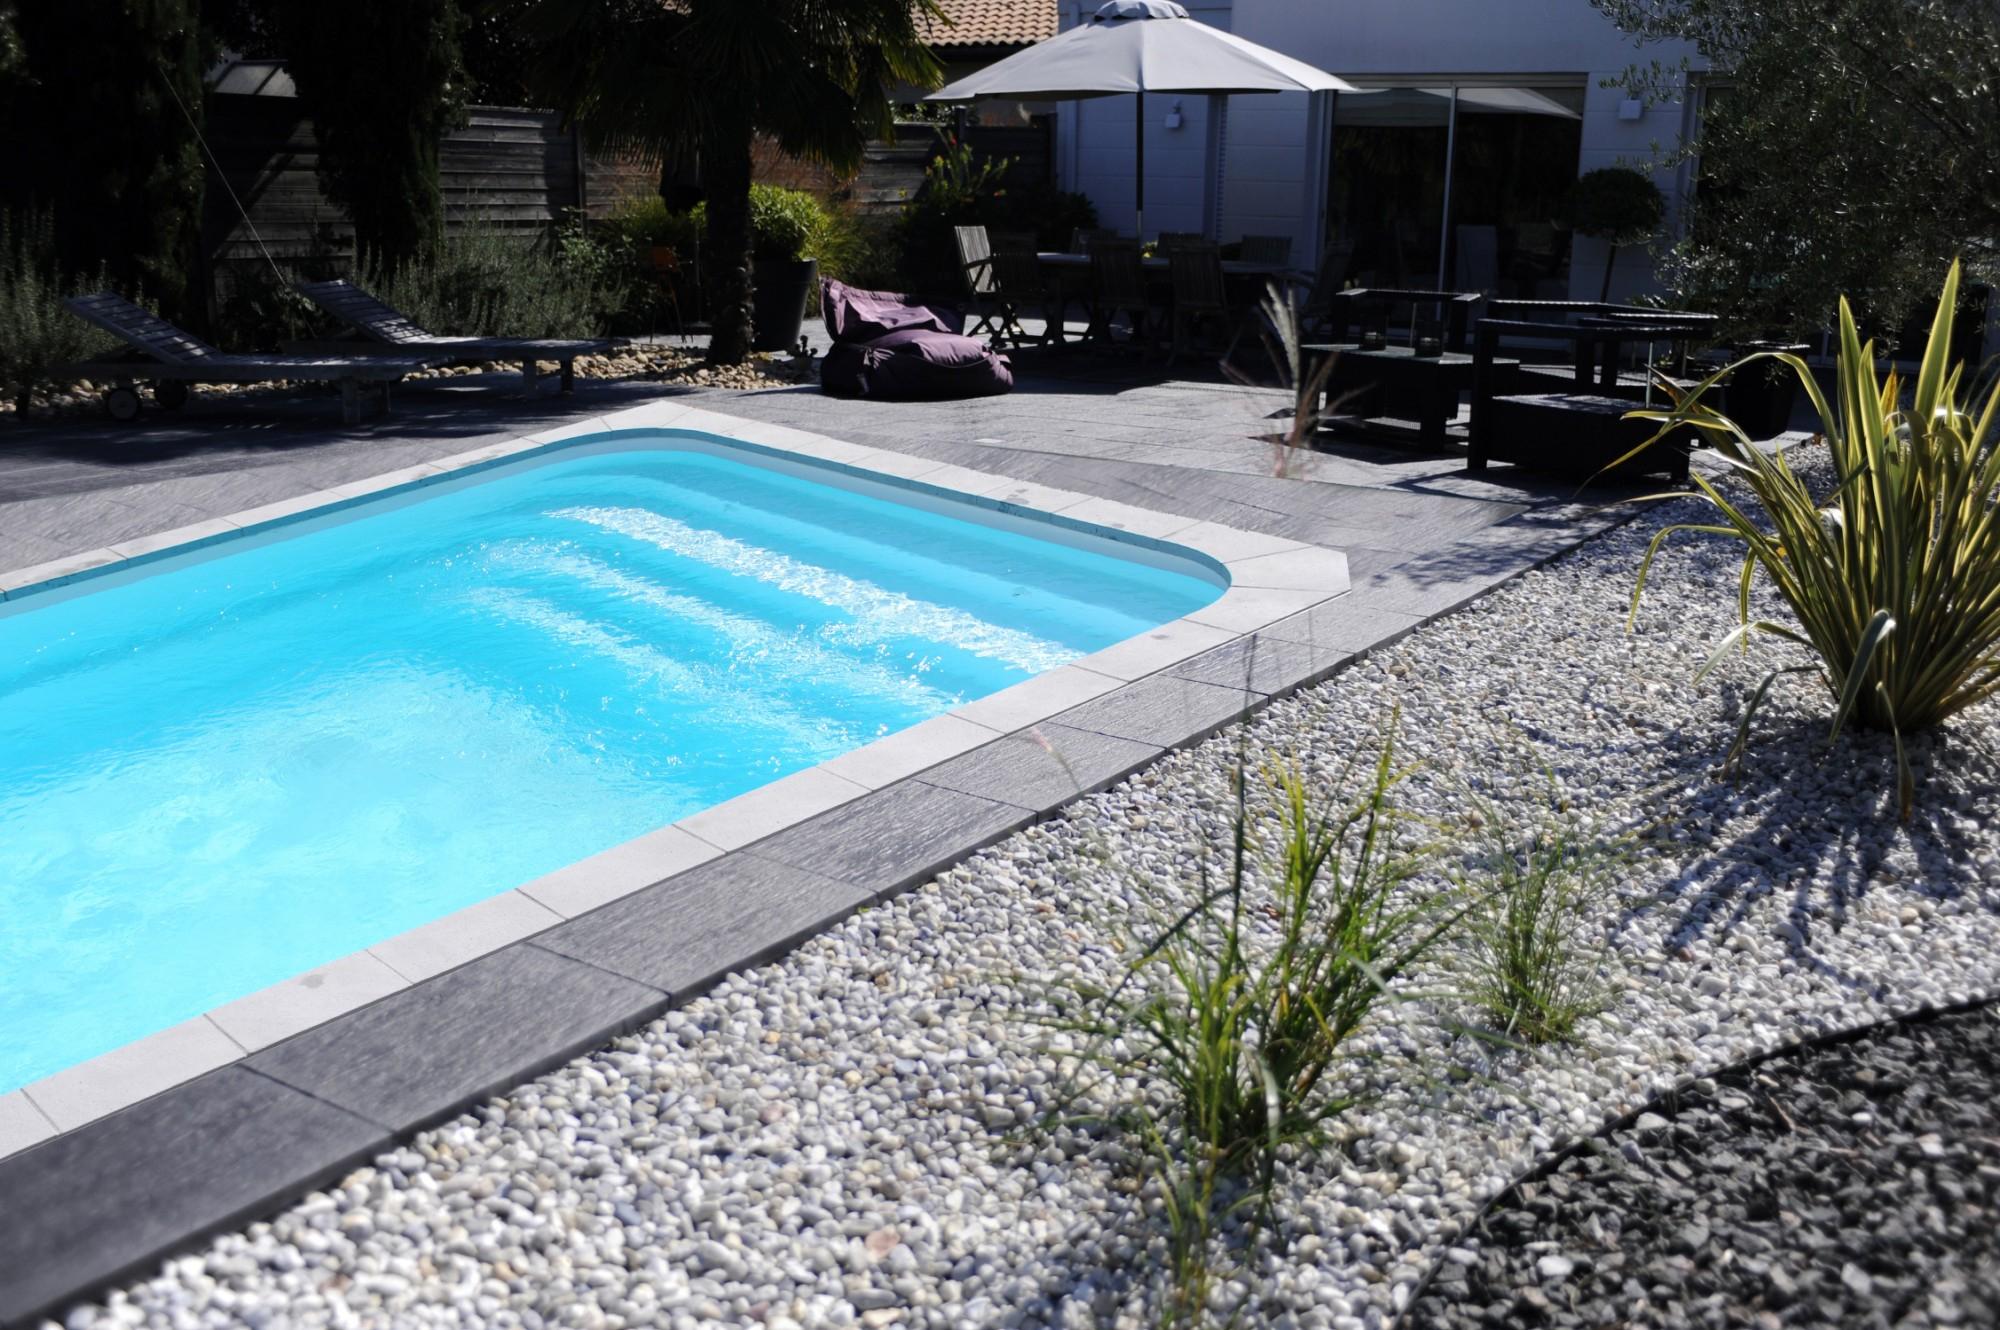 Prix d une piscine coque polyester 7X4 avec plage dans le